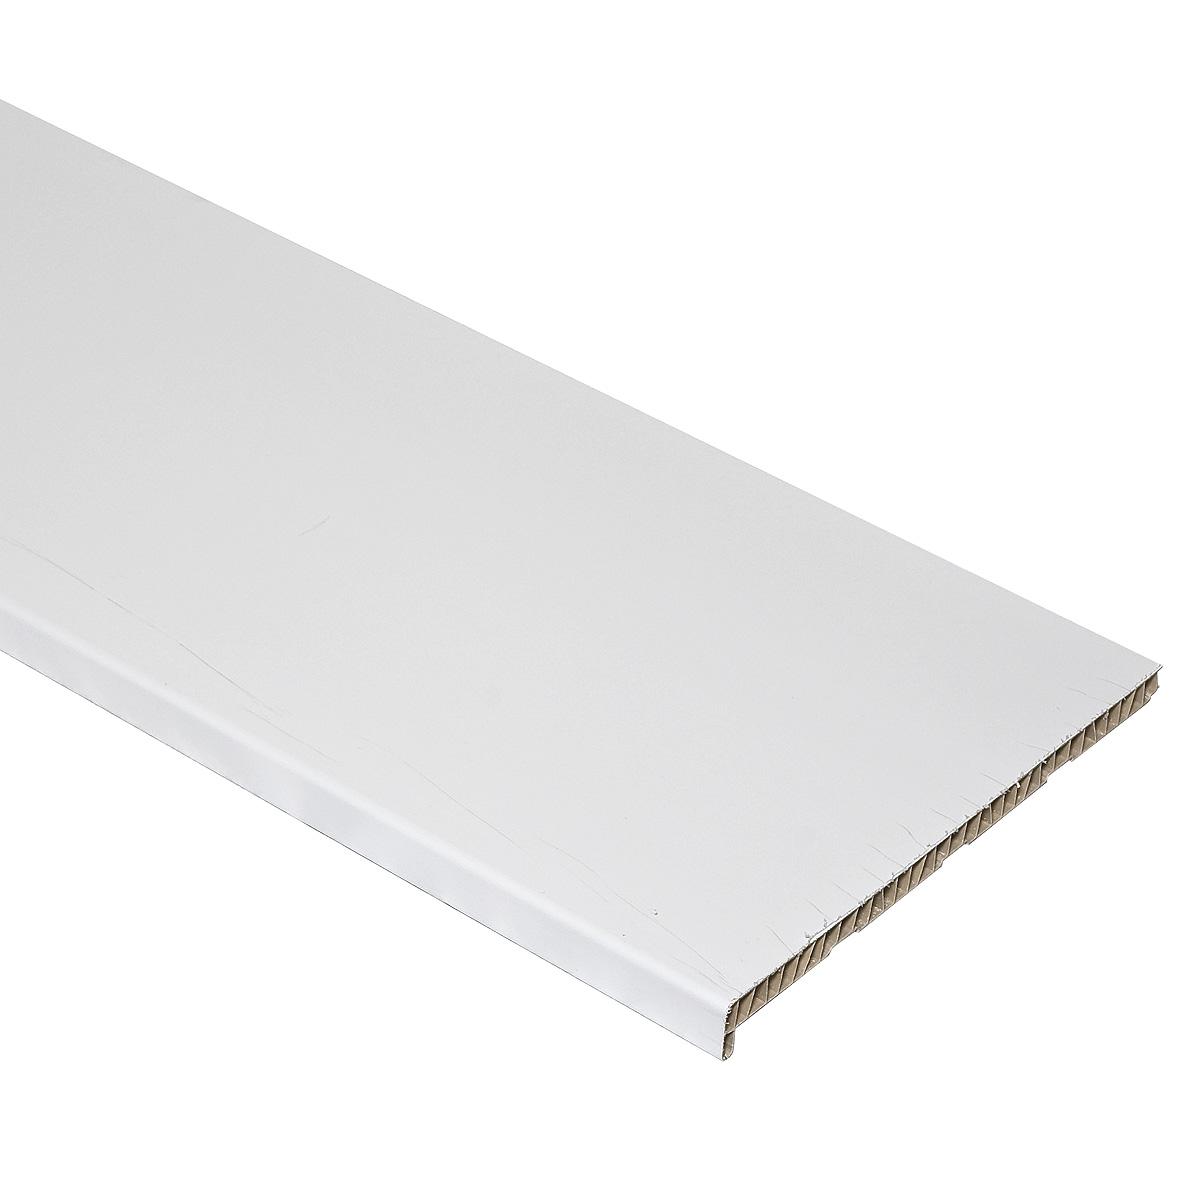 Подоконник пластиковый белый 400х2000 мм Стандарт